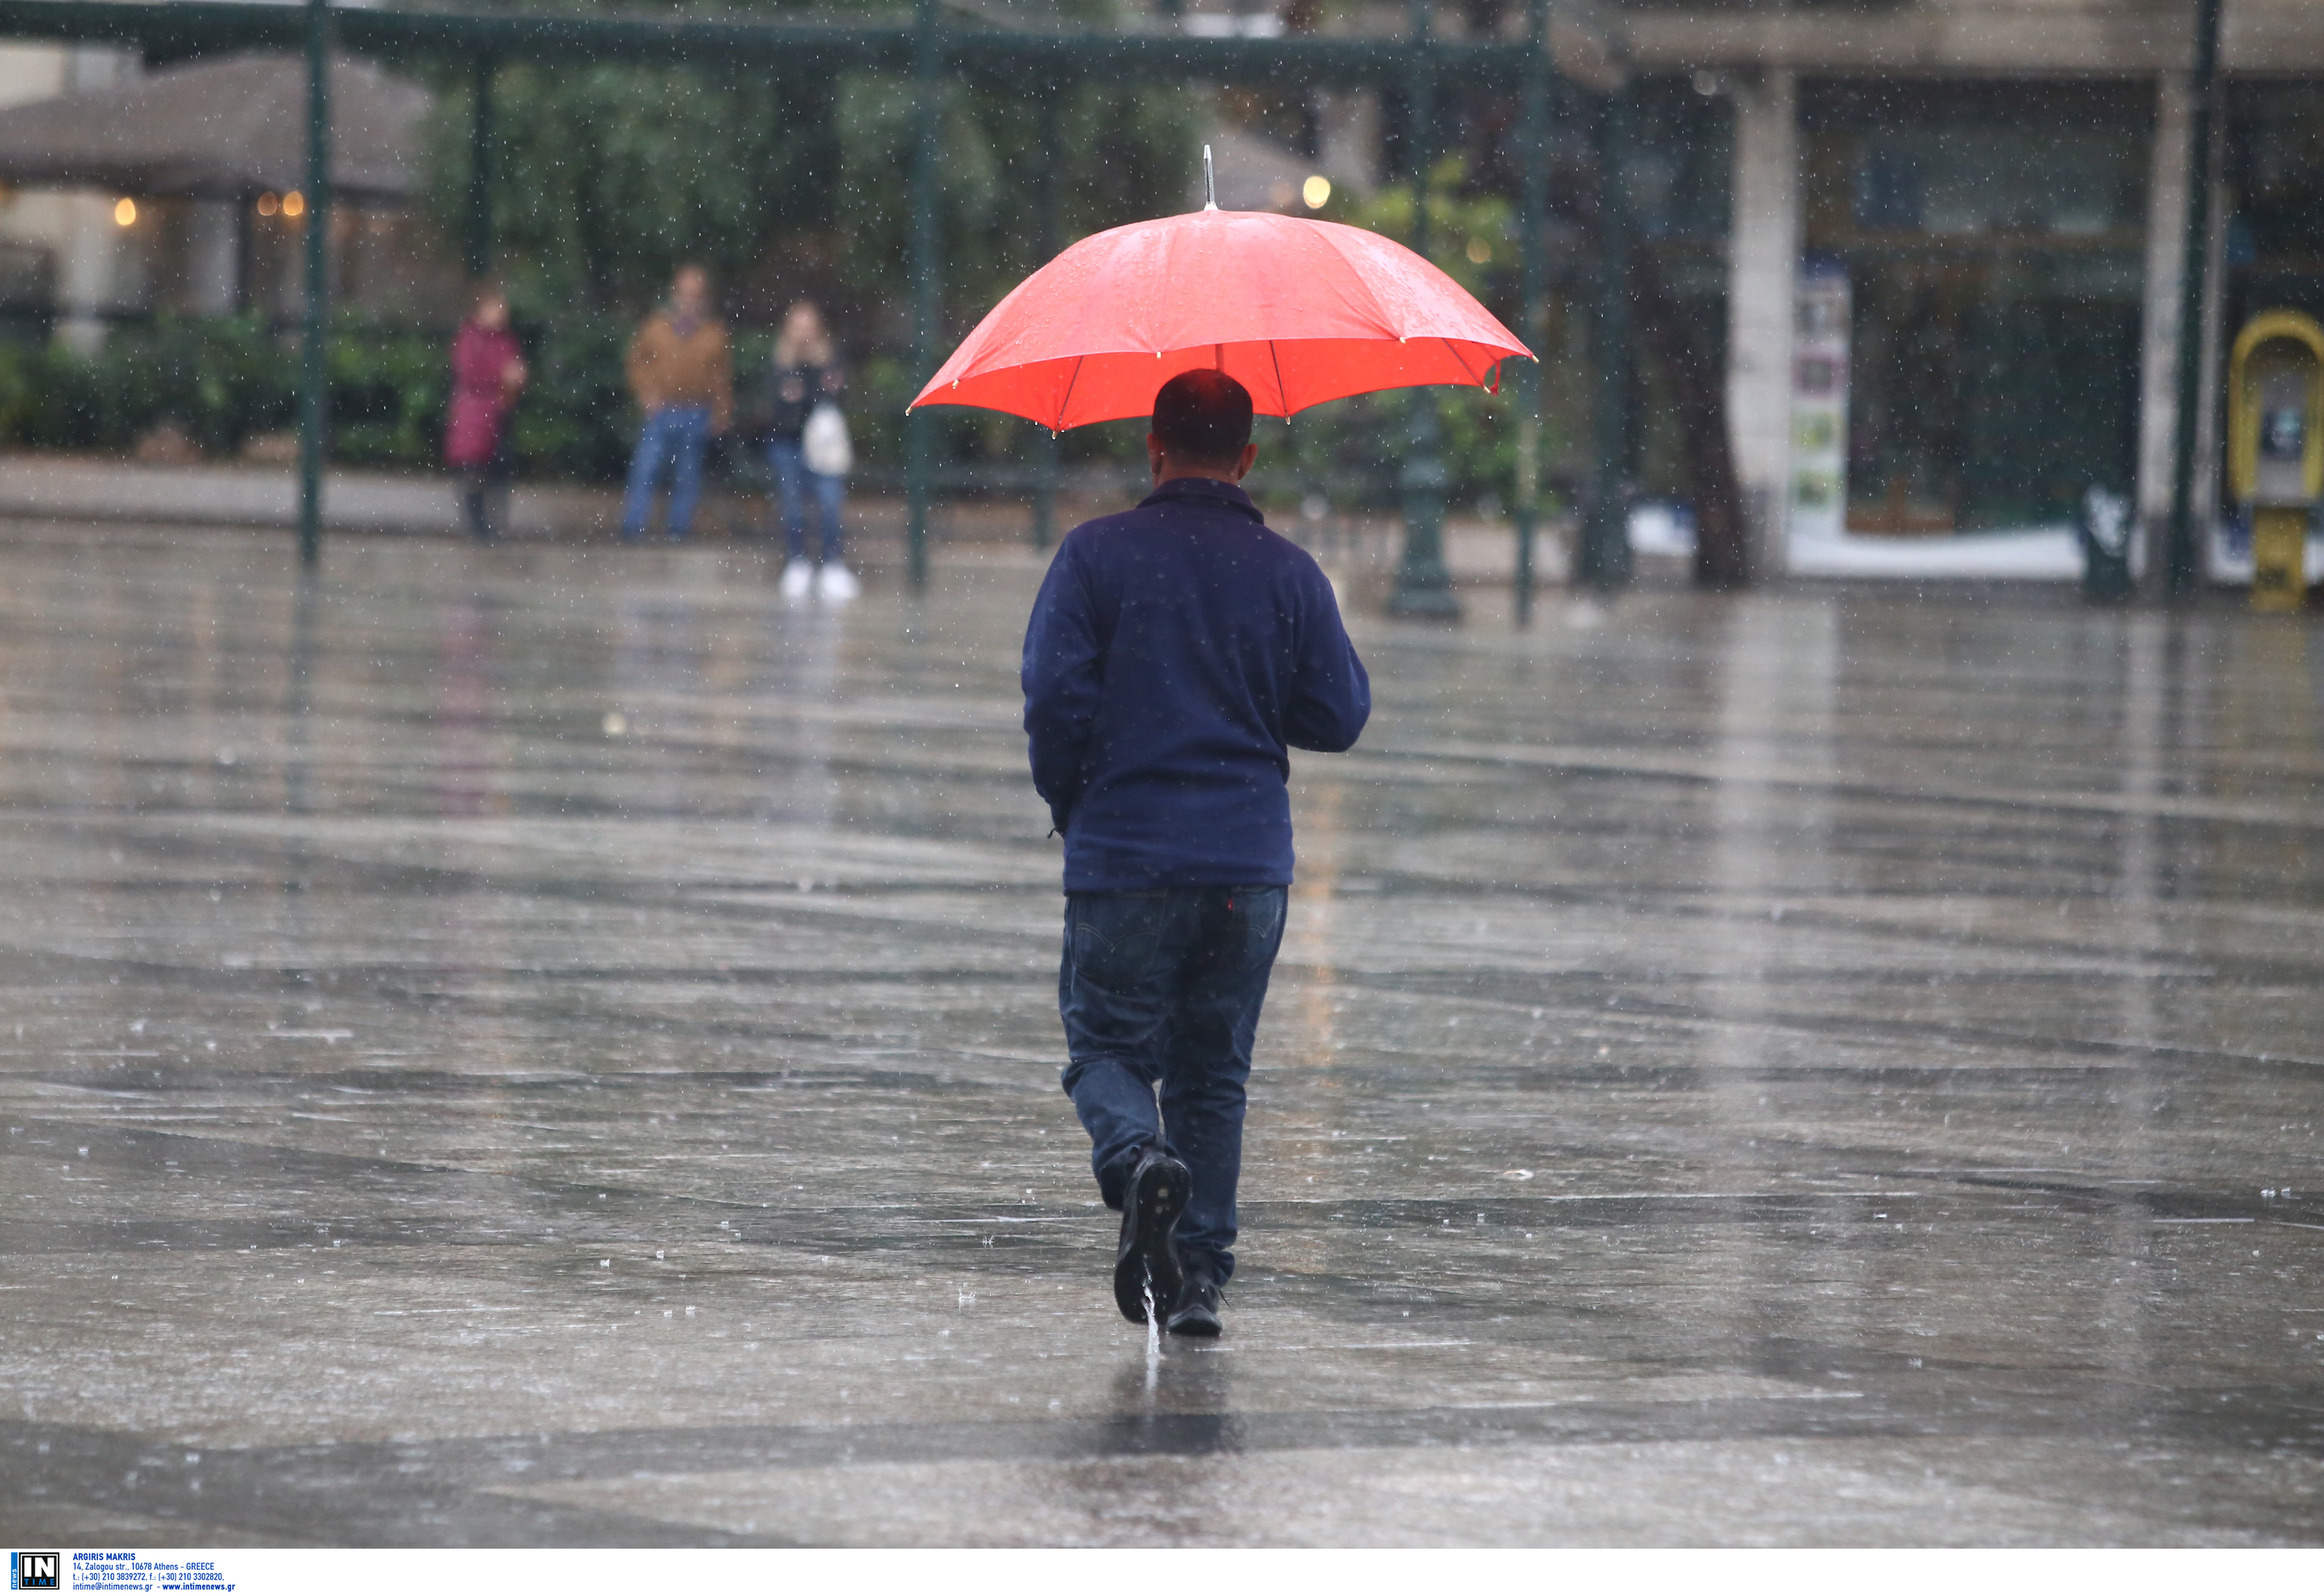 Καιρός αύριο: Έρχονται βροχές και ισχυρές καταιγίδες